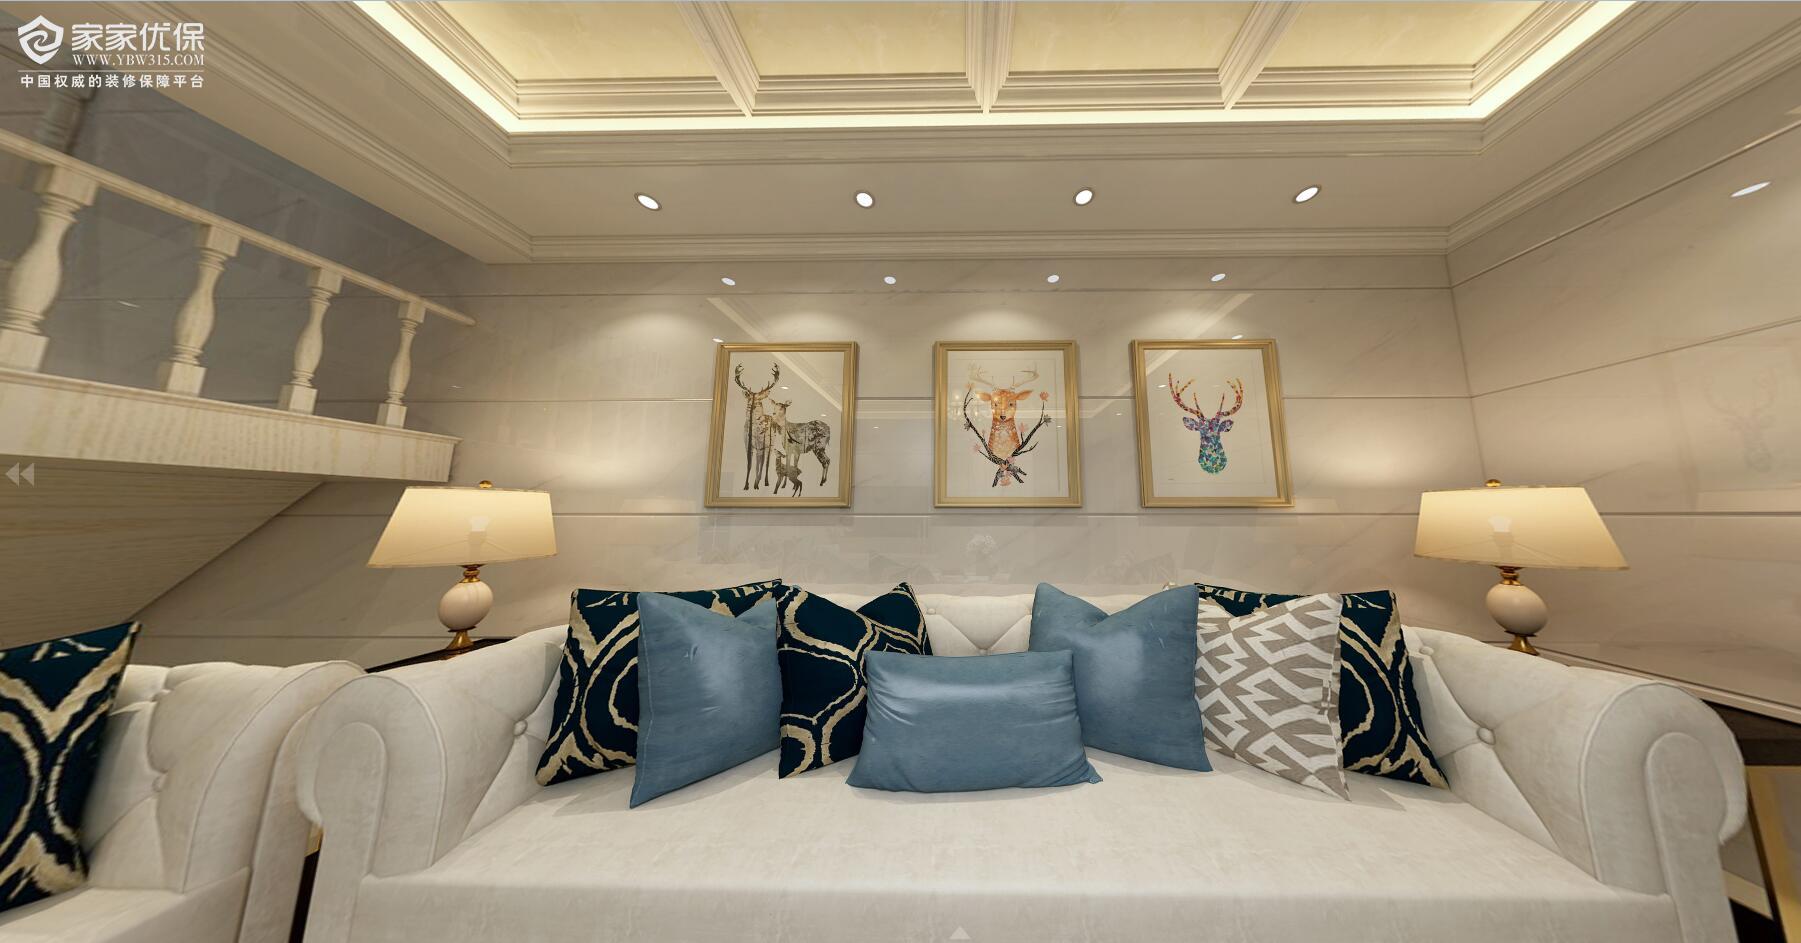 三房一厅欧式风格3d效果图